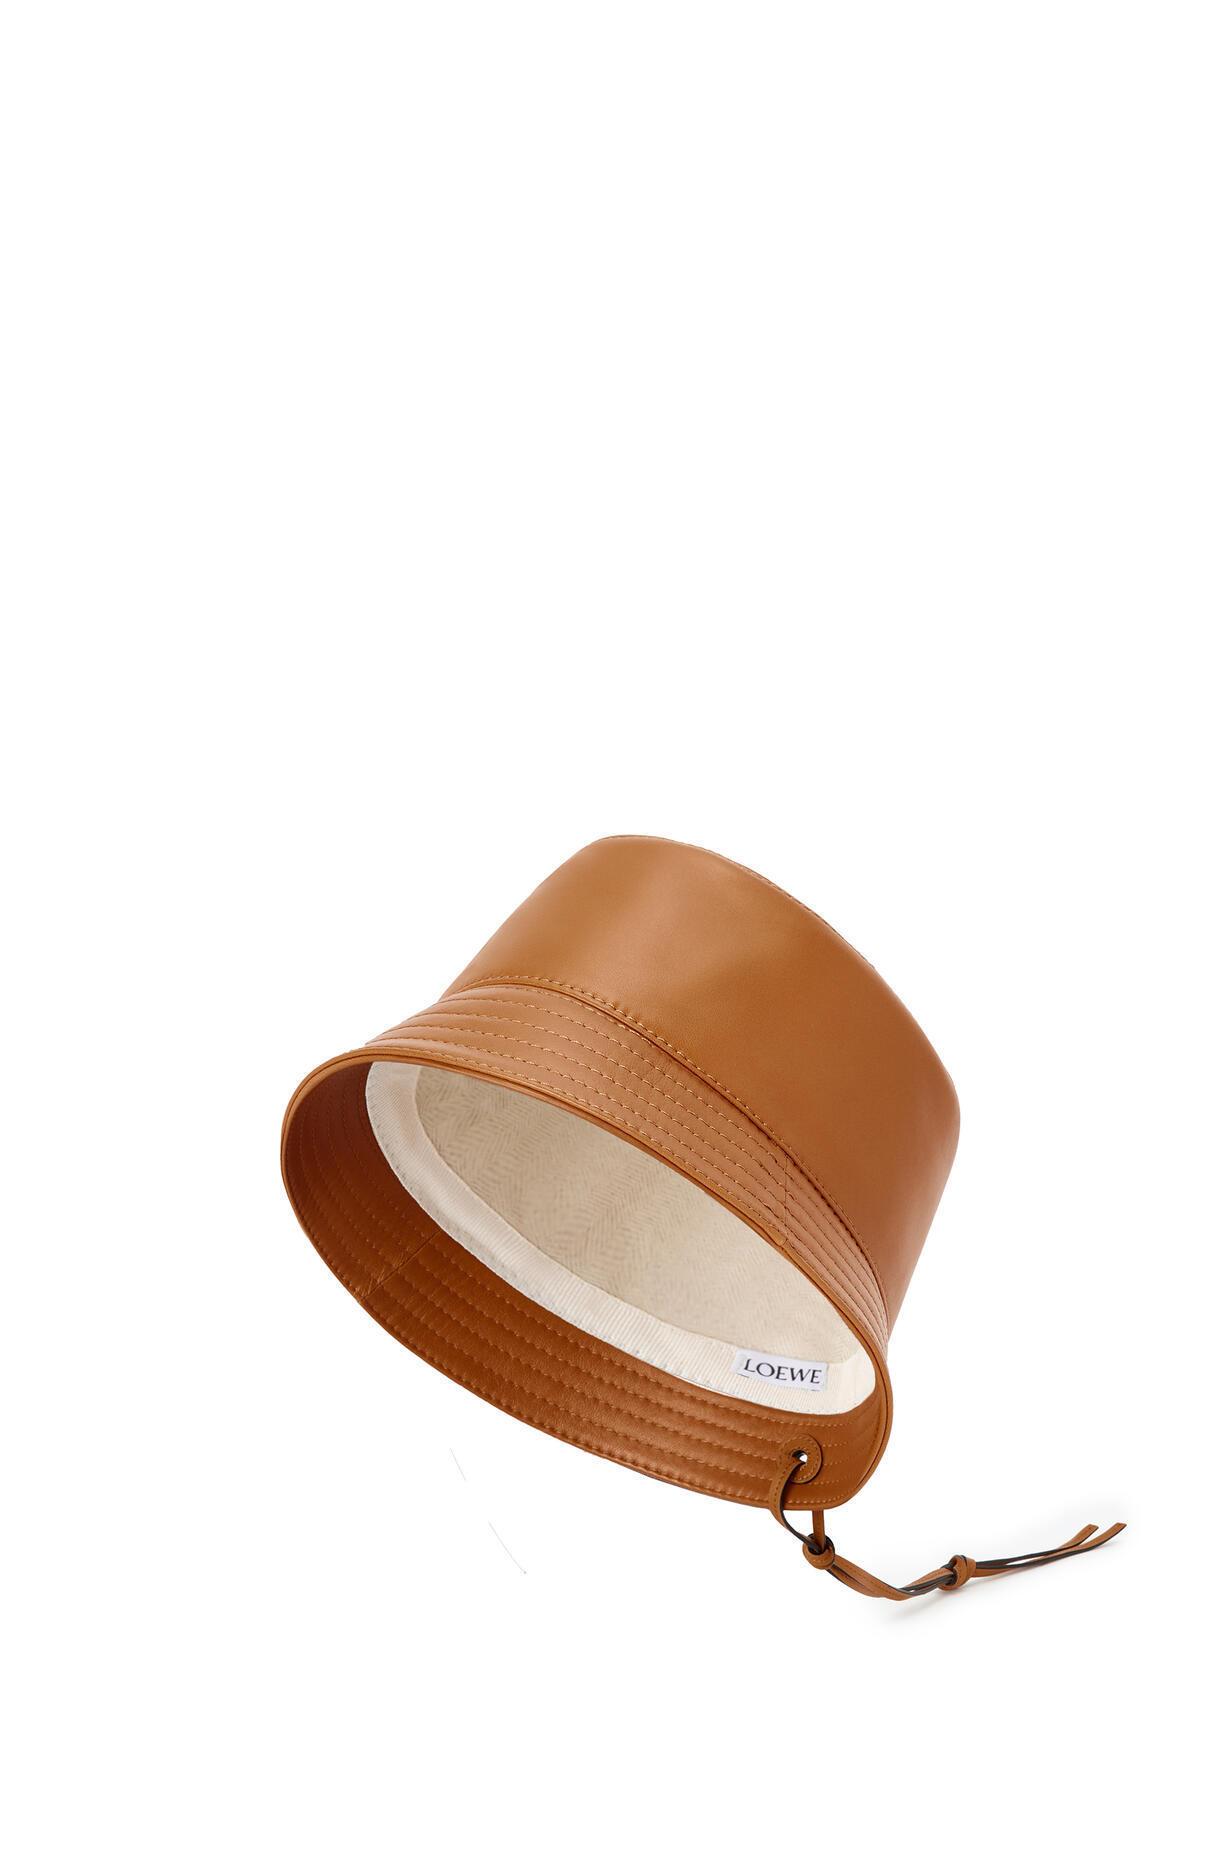 LOEWE LOEWE ☆Bucket hat in nappa clafskin☆K000HB1X01